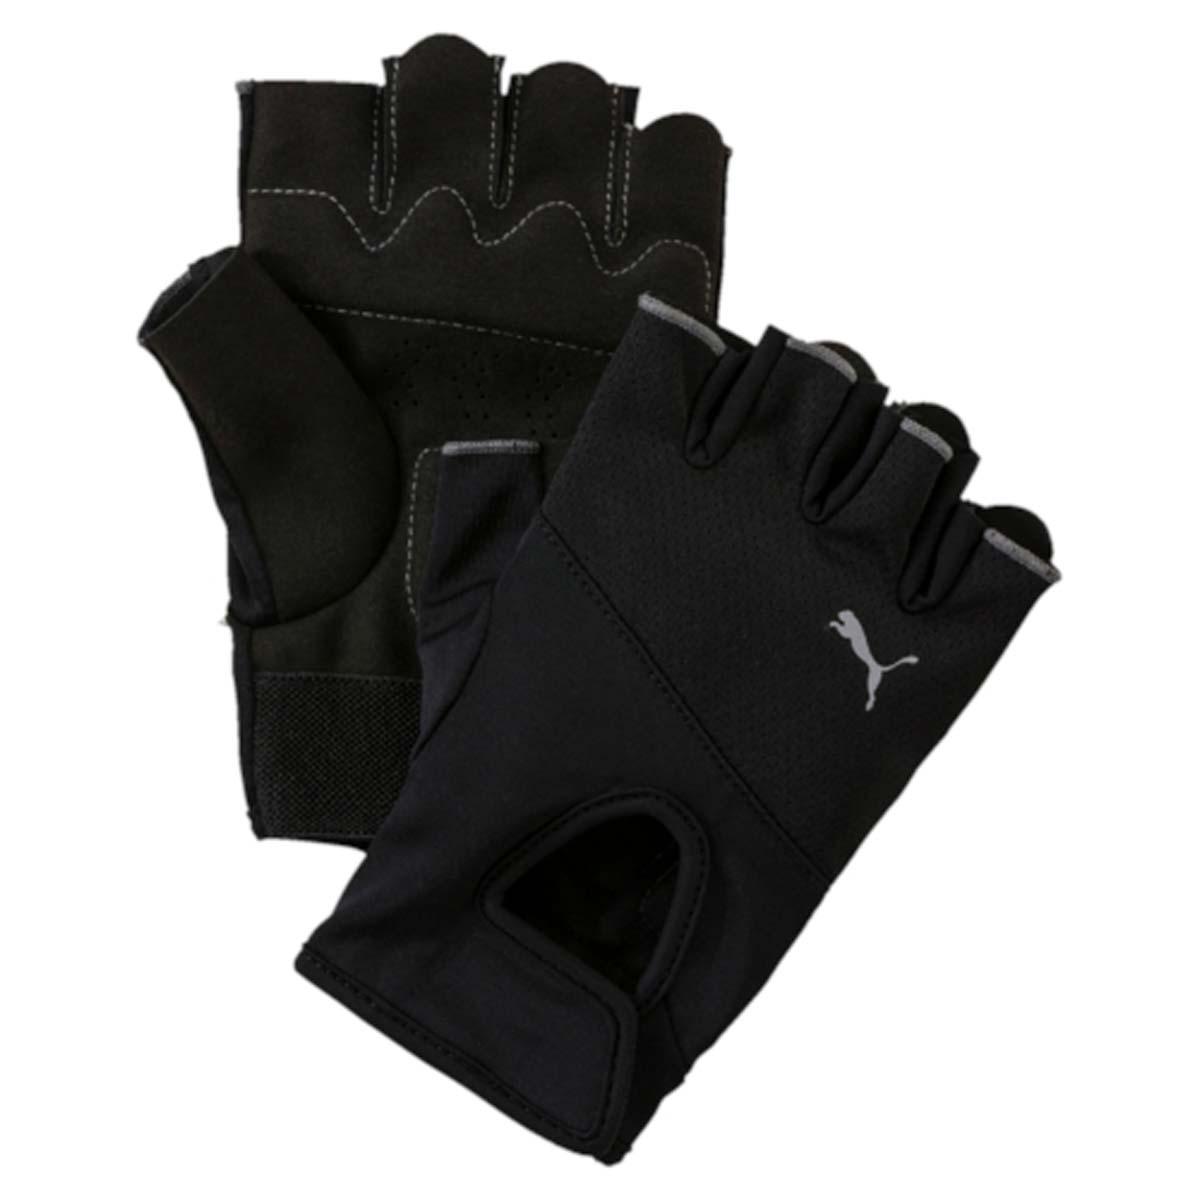 Перчатки для фитнеса Puma Tr Gloves, цвет: черный. 04129501. Размер L (10)14011008-1/37844/2912MПерчатки Puma Tr Gloves предназначены для защиты рук во время занятия спортом. Мягкий верх на основе современного высокотехнологичного полиэстера и нейлона оснащен уплотненными подушечками на ладони для максимального комфорта. У модели рукоятки из тесьмы со вставками для ладоней, нескользящие вставки для комфорта, долговечности и удобства захвата.Регулируемая застежка-липучка для оптимальной поддержки.